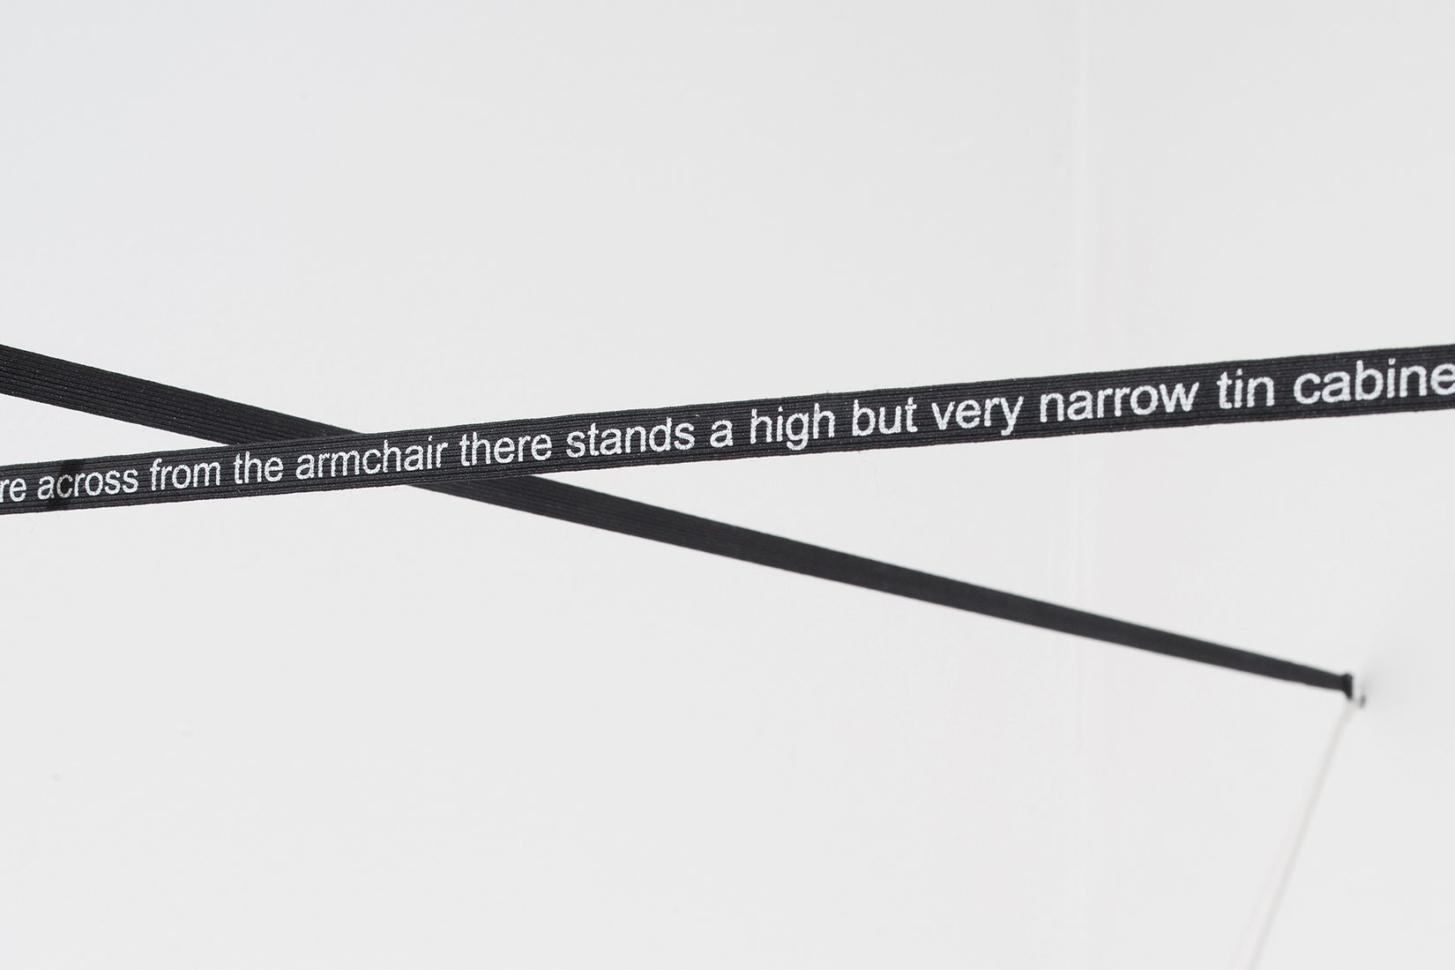 pohled do výstavy Sonda 1 – Příběh slovenského (post)konceptuálního umění, Dům U Kamenného zvonu, 2019. Foto Tomáš Souček